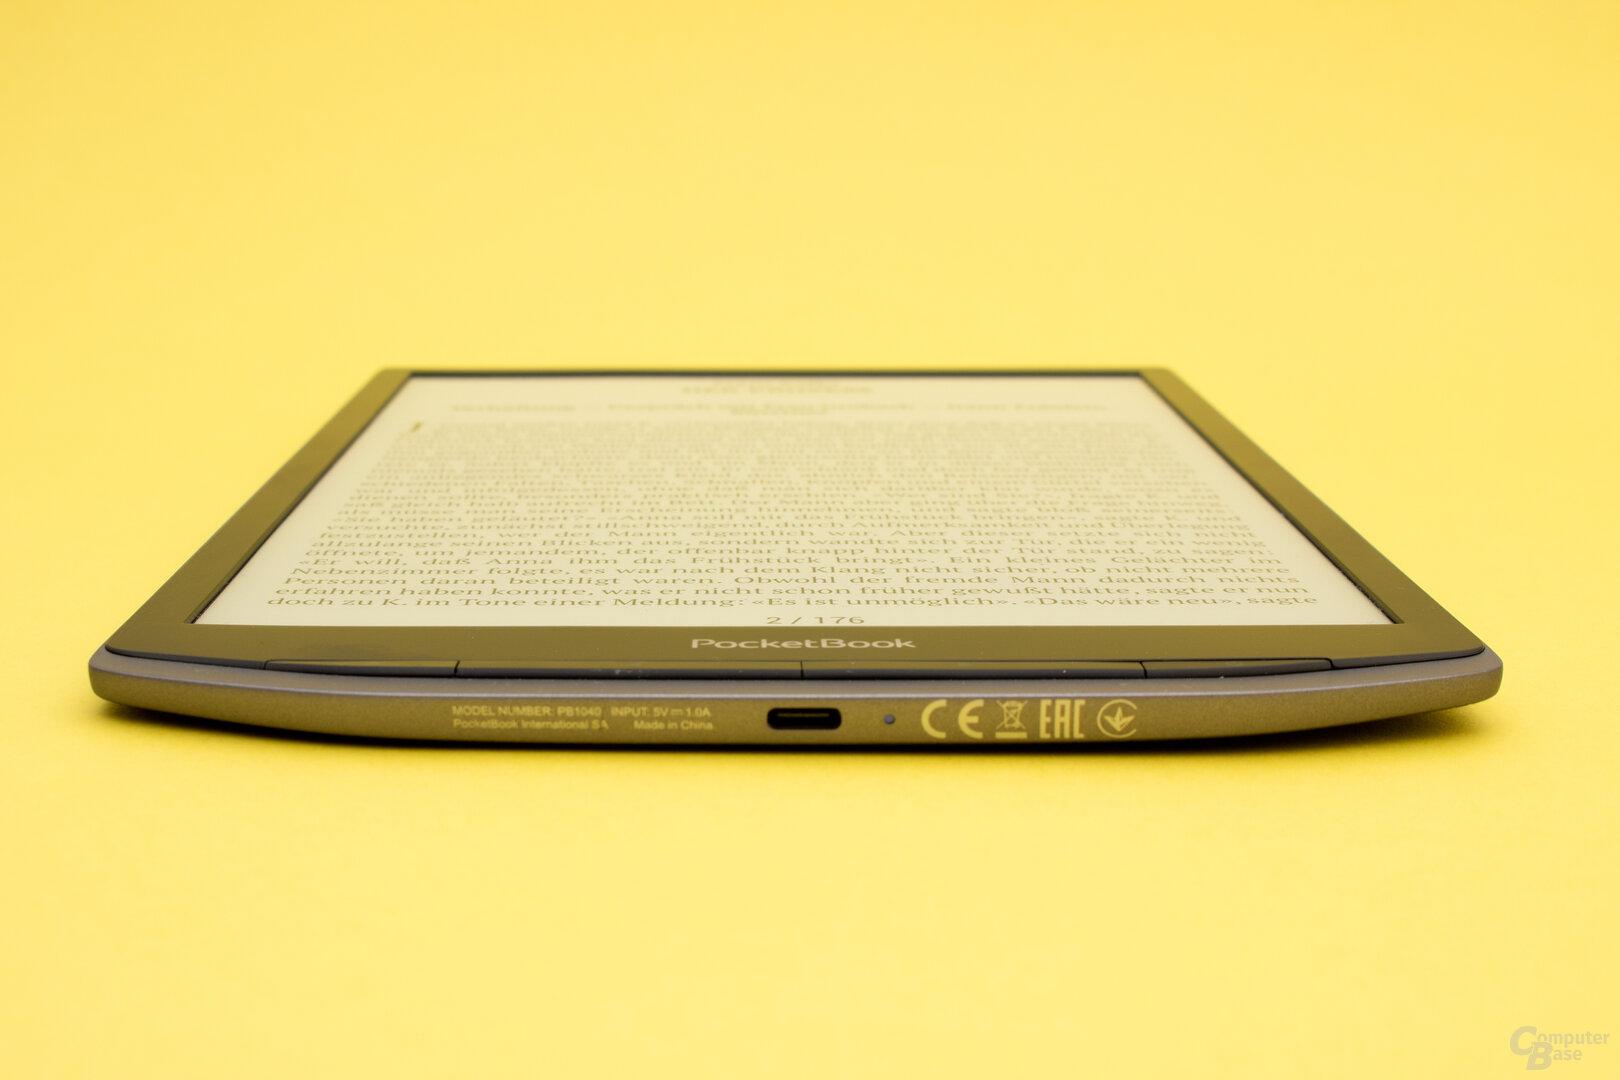 Das InkPad X lässt einen Kartenslot vermissen, bietet aber USB-C